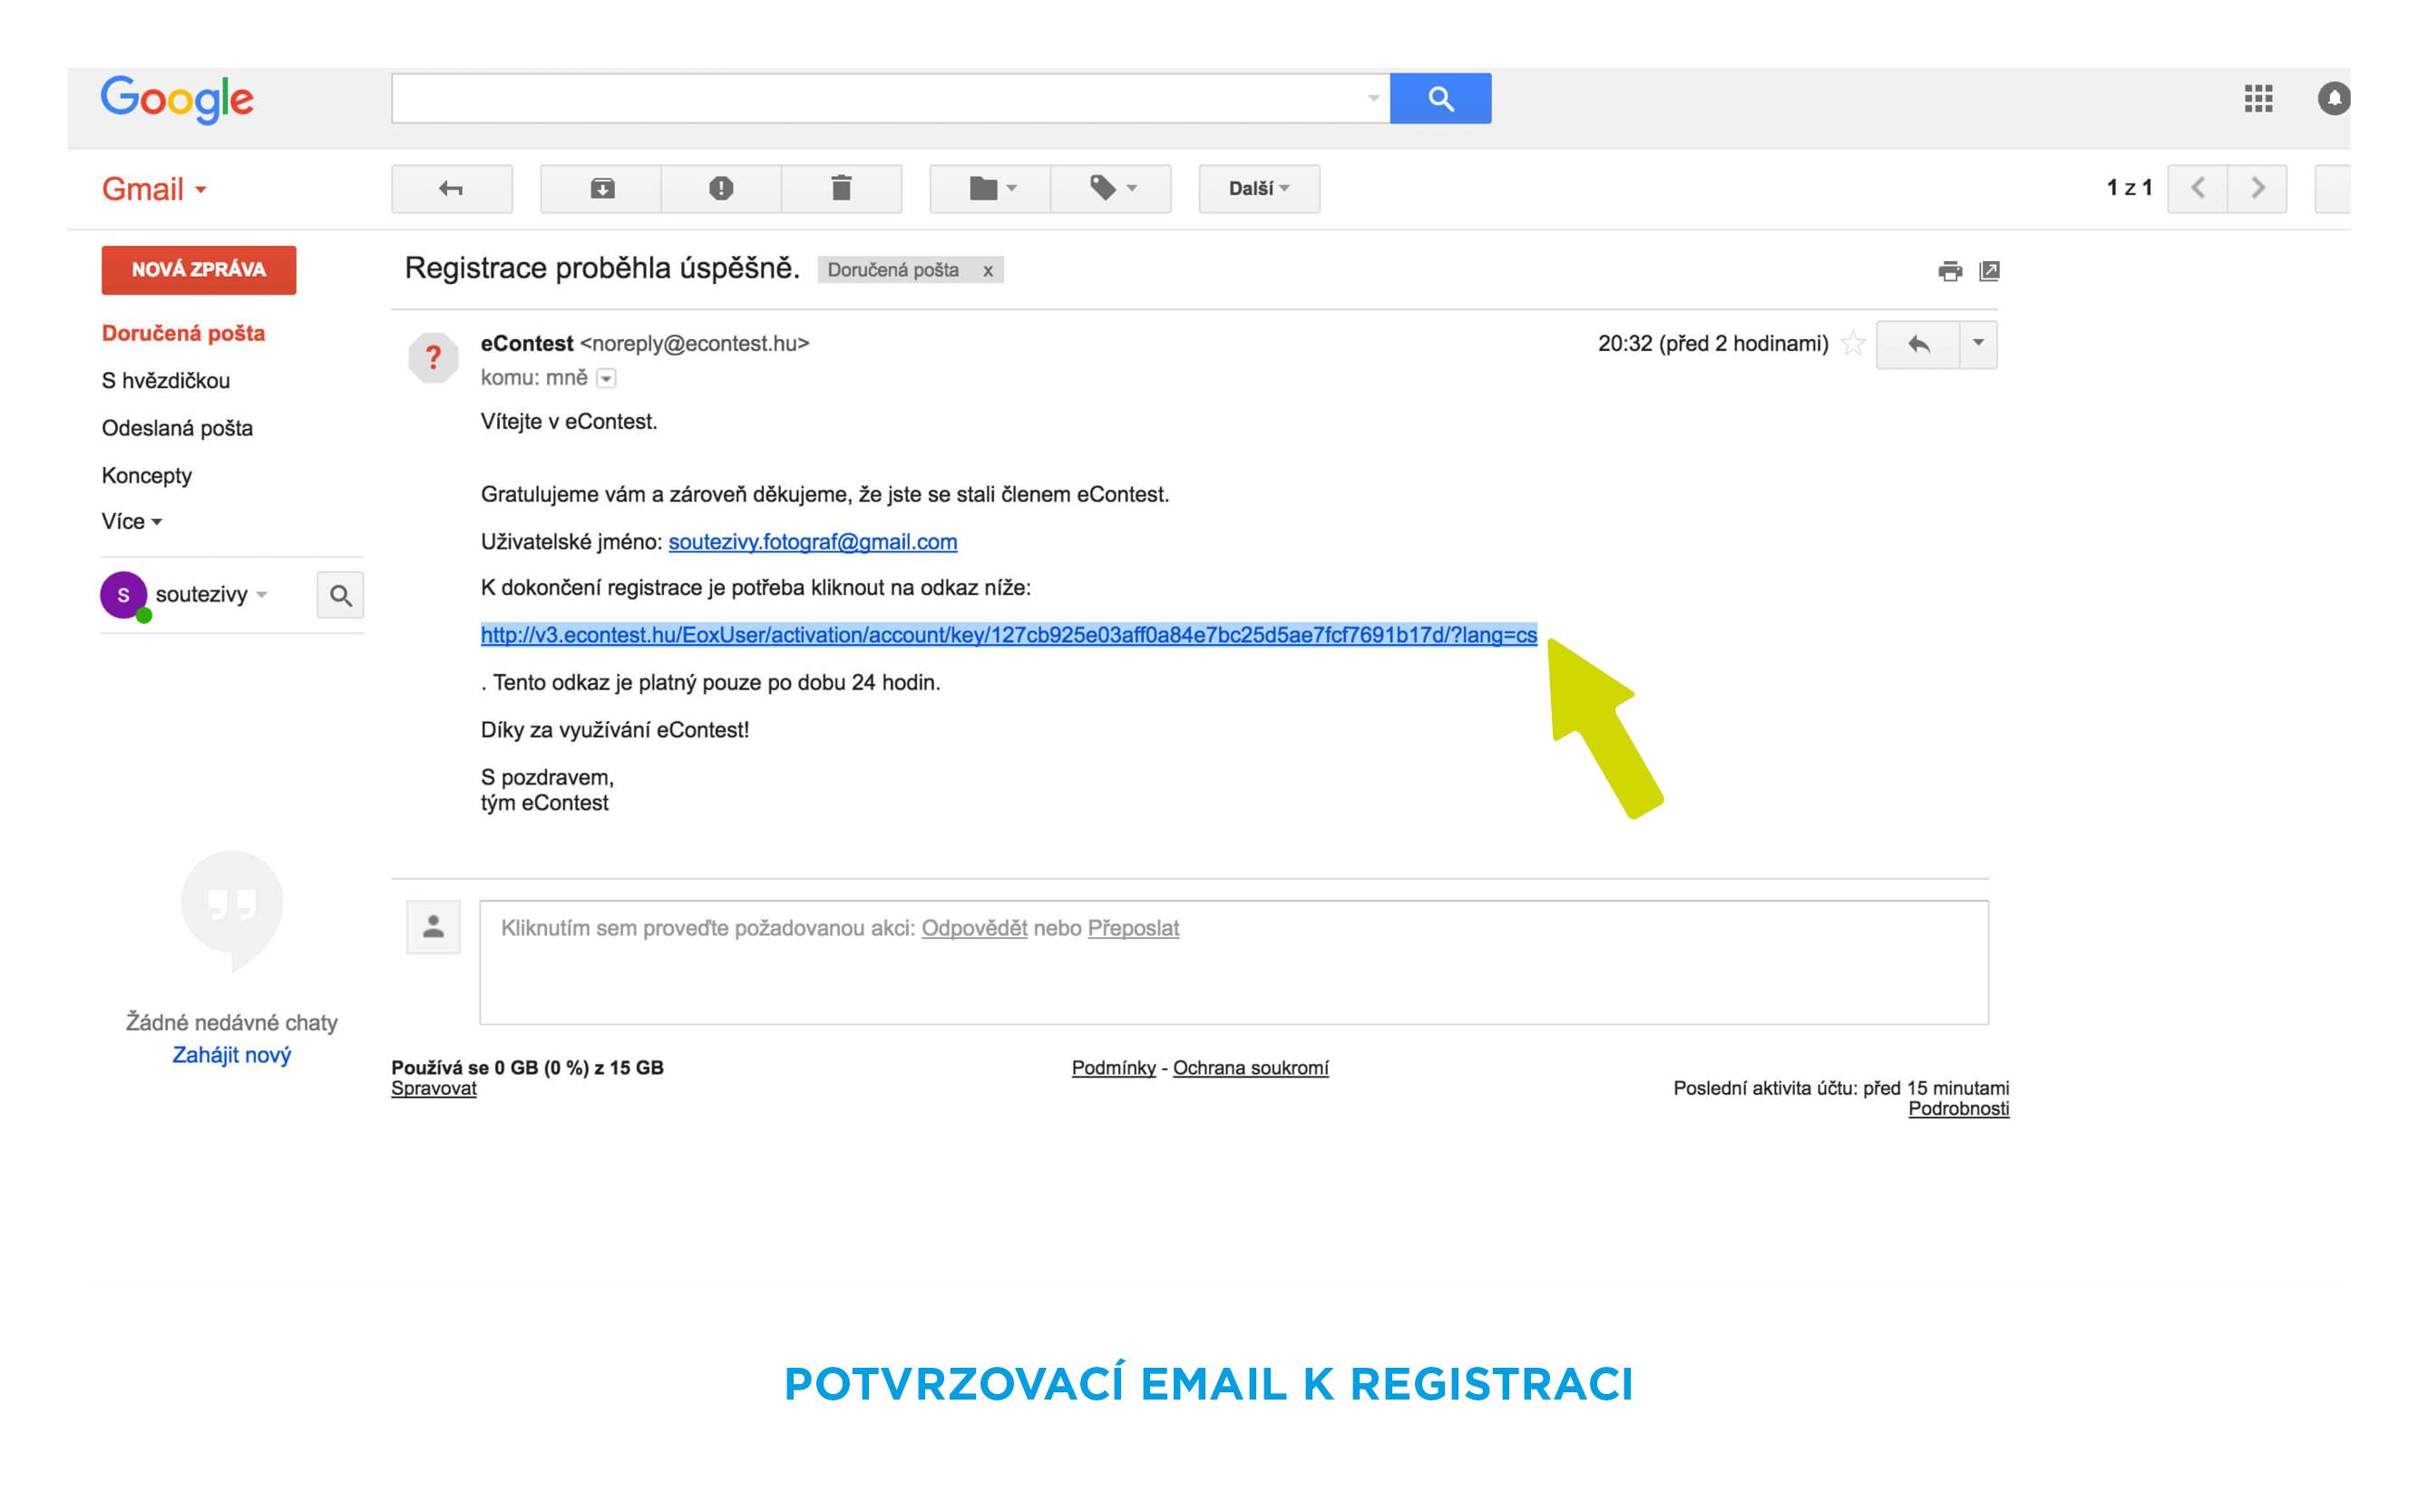 potvrzovací email registrace